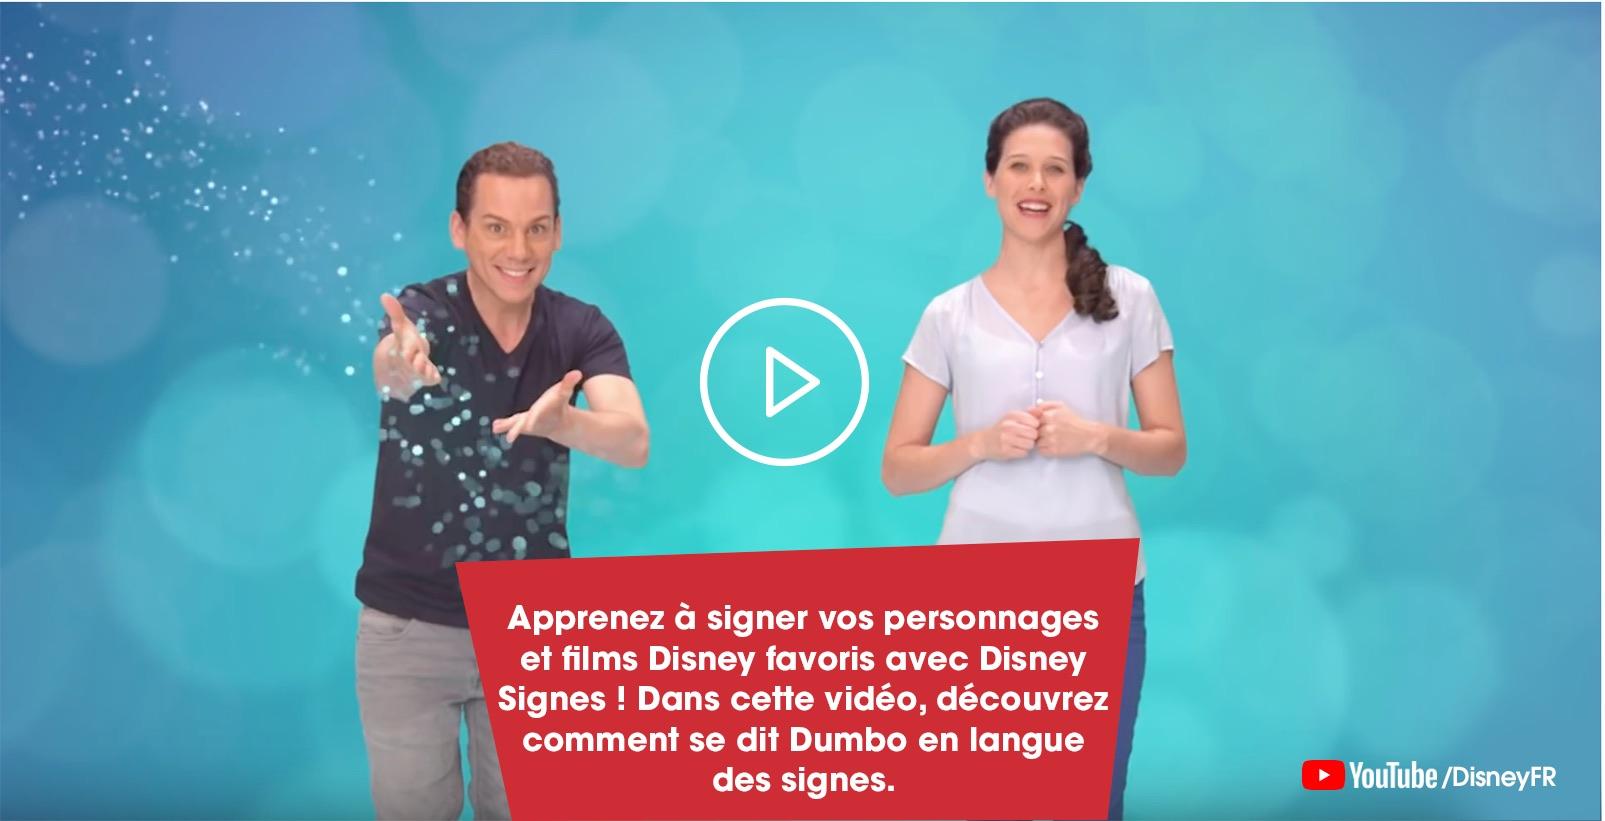 Apprends à dire dumbo en langage des signes